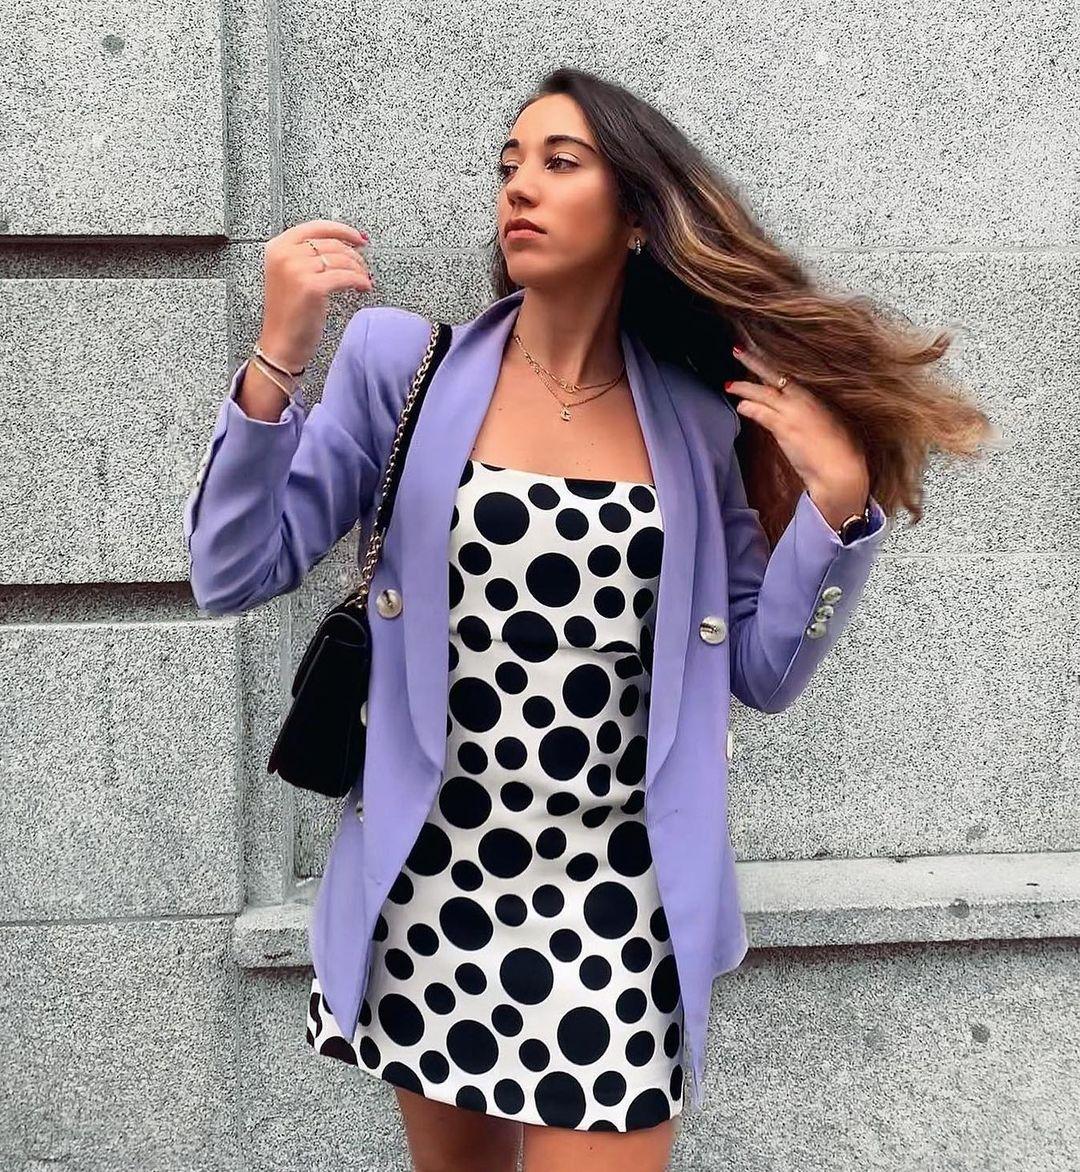 robe courte à pois limited edition de Zara sur zaradiccion__